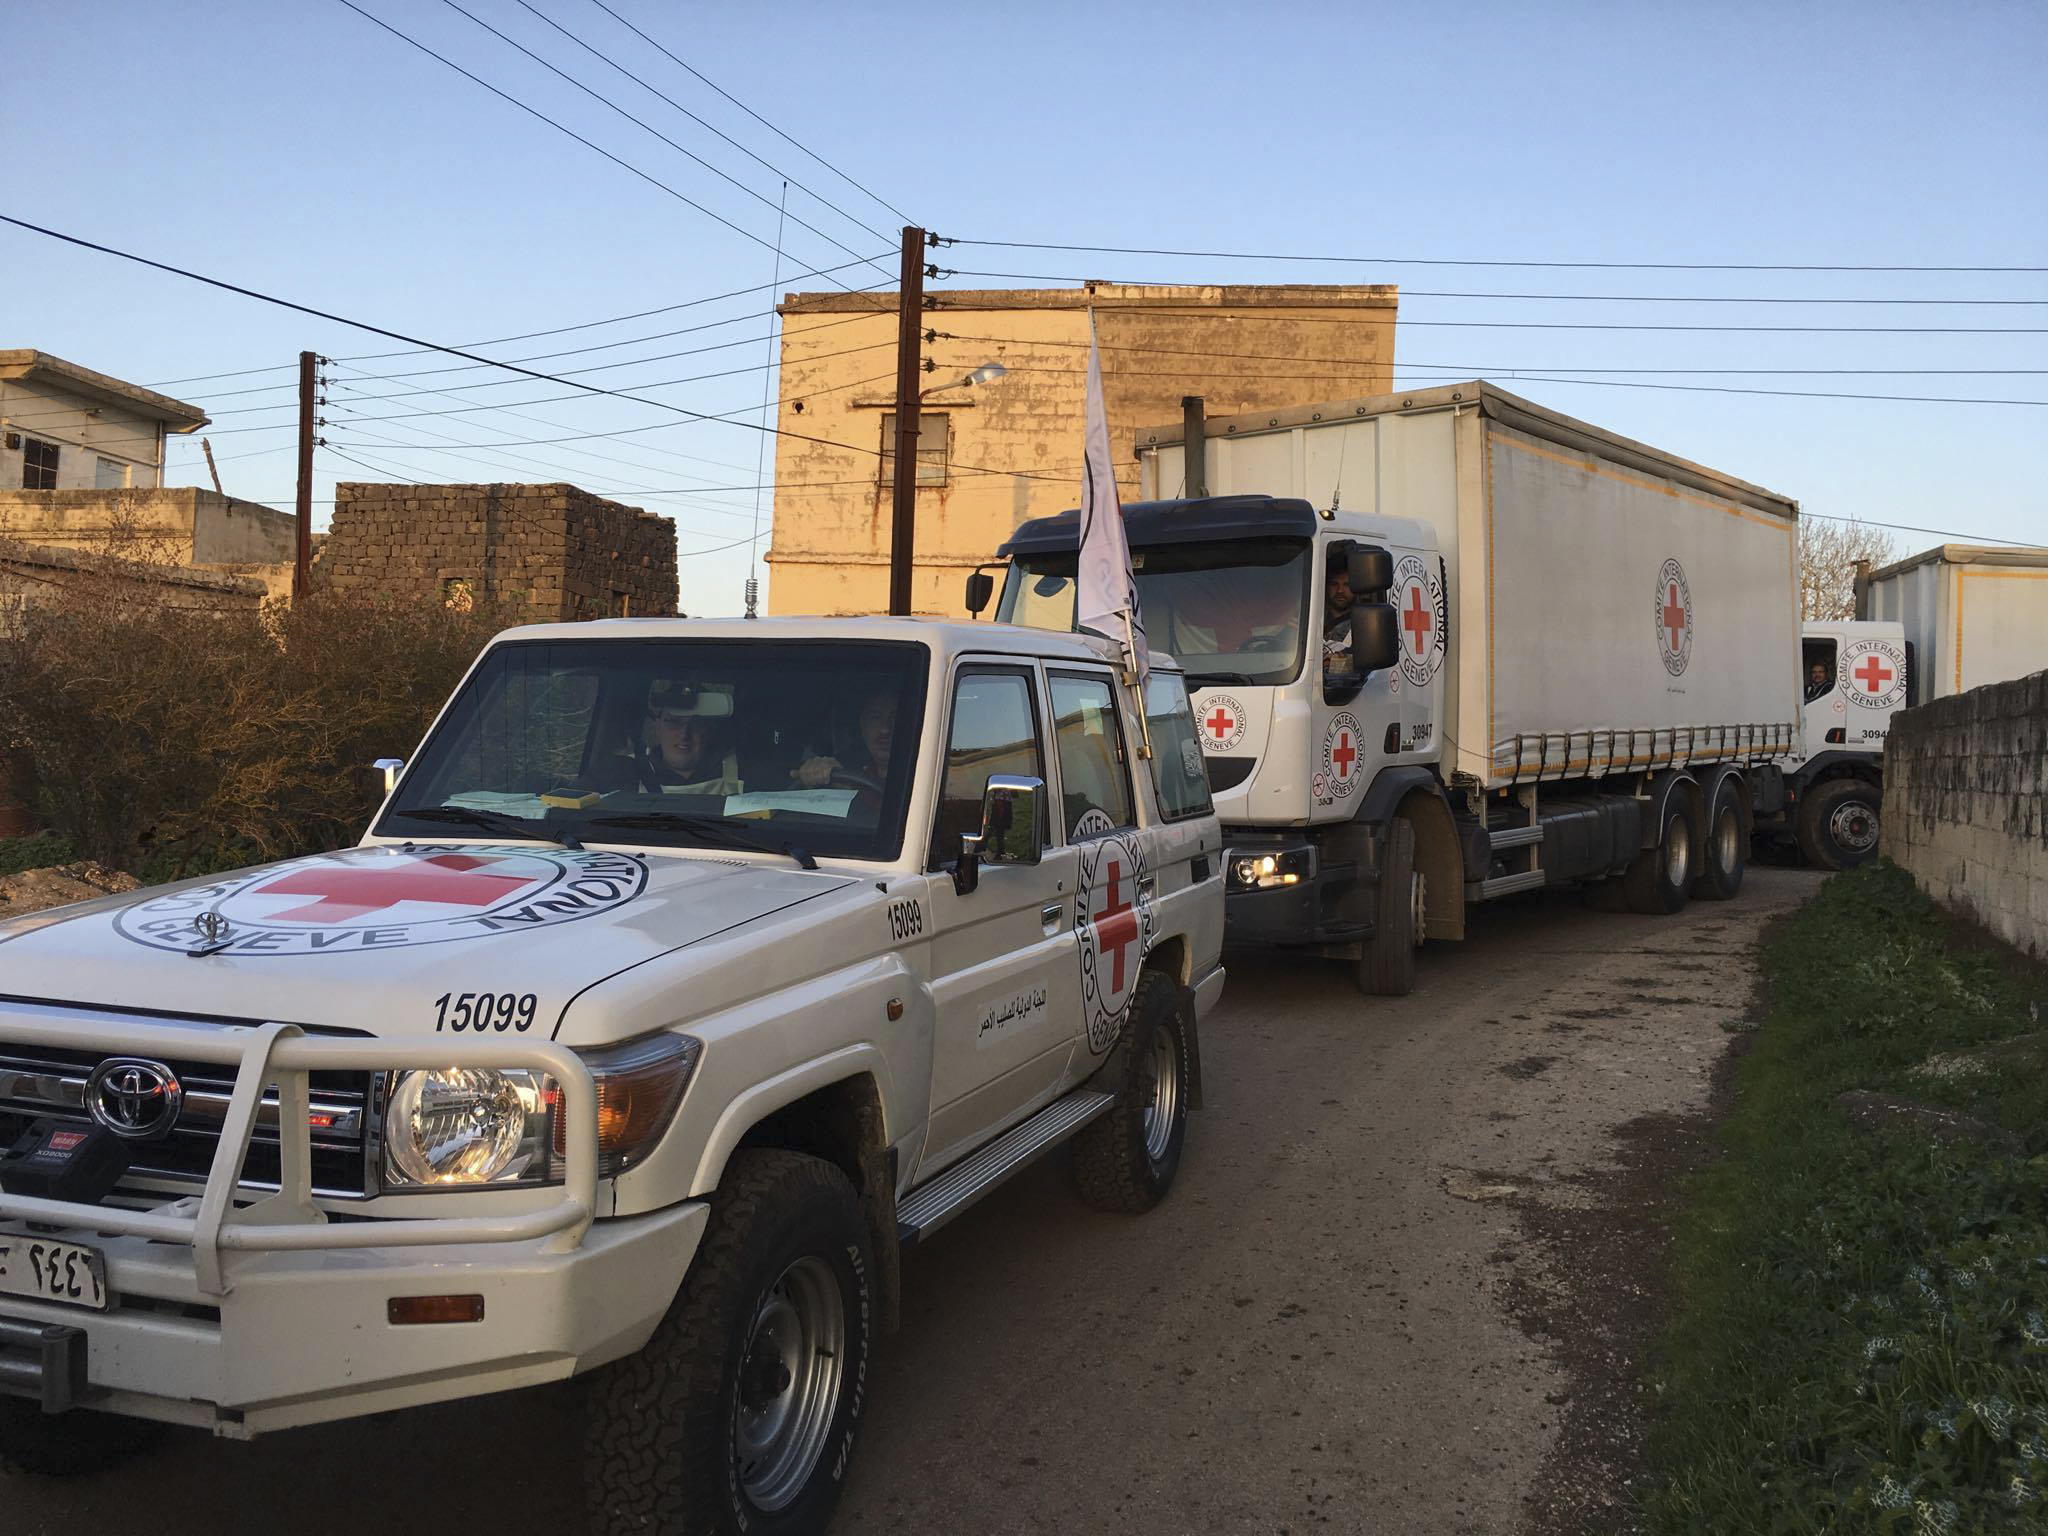 Au nord de Homs, région de Al-Houleh. Un convoi conjoint du CICR, du Croissant-Rouge Arabe syrien et des Nations Unies se rend dans plusieurs villages où il achemine des vivres, des médicaments et du matériel d'approvisionnement en eau pour plus de 70, 000 personnes. North of Homs, Al Houleh region. A joint convoy of the ICRC, the Syrian Arab Red Crescent and the United Nations reach several villages to deliver food and water supply equipment for more than 70, 000 people. Communiqué de presse sur le site web du CICR, 23.03.2016 : « Syrie : des secours parviennent enfin à plus de 70 000 personnes dans la région d'Al-Houleh. [...]. « La population d'Al-Houleh vit depuis longtemps dans des conditions très difficiles », a déclaré Majda Flihi, cheffe du bureau du CICR à Homs, qui a dirigé l'équipe du CICR à Al-Houleh. « Principalement agriculteurs, les habitants ne peuvent plus cultiver leurs terres, et leur bétail ne peut plus être nourri correctement parce que les champs sont aujourd'hui des lignes de front. » Le convoi de 27 camions transportait des vivres, du matériel pour réparer le système d'approvisionnement en eau, ainsi que des secours médicaux visant à soutenir la structure médicale du Croissant-Rouge arabe syrien, durement mise à l'épreuve, dans le village de Kafr Laha. Une équipe d'ingénieurs eau du CICR s'est aussi employée à améliorer l'état des puits qui constituent le seul approvisionnement régulier en eau potable. Un deuxième convoi, prévu dans les prochains jours, transportera des générateurs et des équipements pour assurer l'approvisionnement en eau. « Comme dans tous les lieux assiégés en Syrie, les civils tentent de survivre avec leurs maigres ressources. Ils ont besoin d'un approvisionnement régulier en vivres, en médicaments et autres types d'aide. Il nous faut un accès régulier, quelle que soit la situation sur le terrain », précise Mme Flihi. Al-Houleh vit en état de siège depuis 2012, et est le théâtre de violents combats depuis des mois. La réc